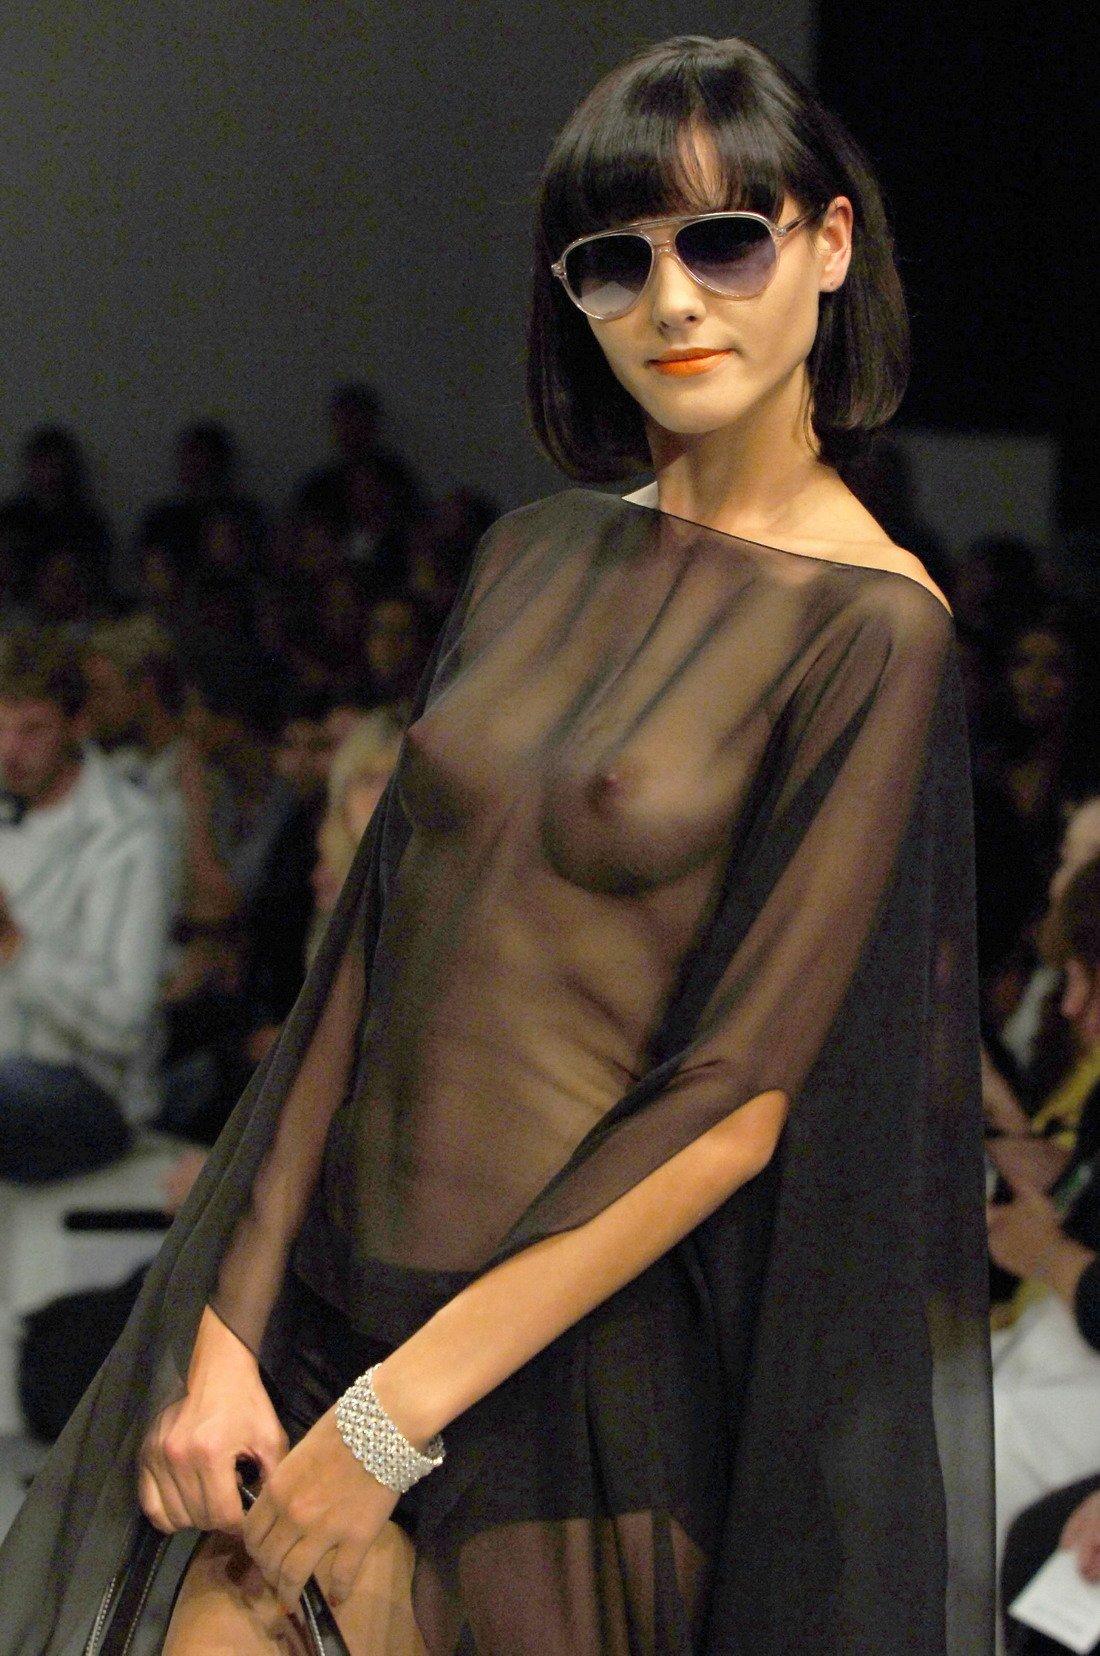 Nude catwalk photos